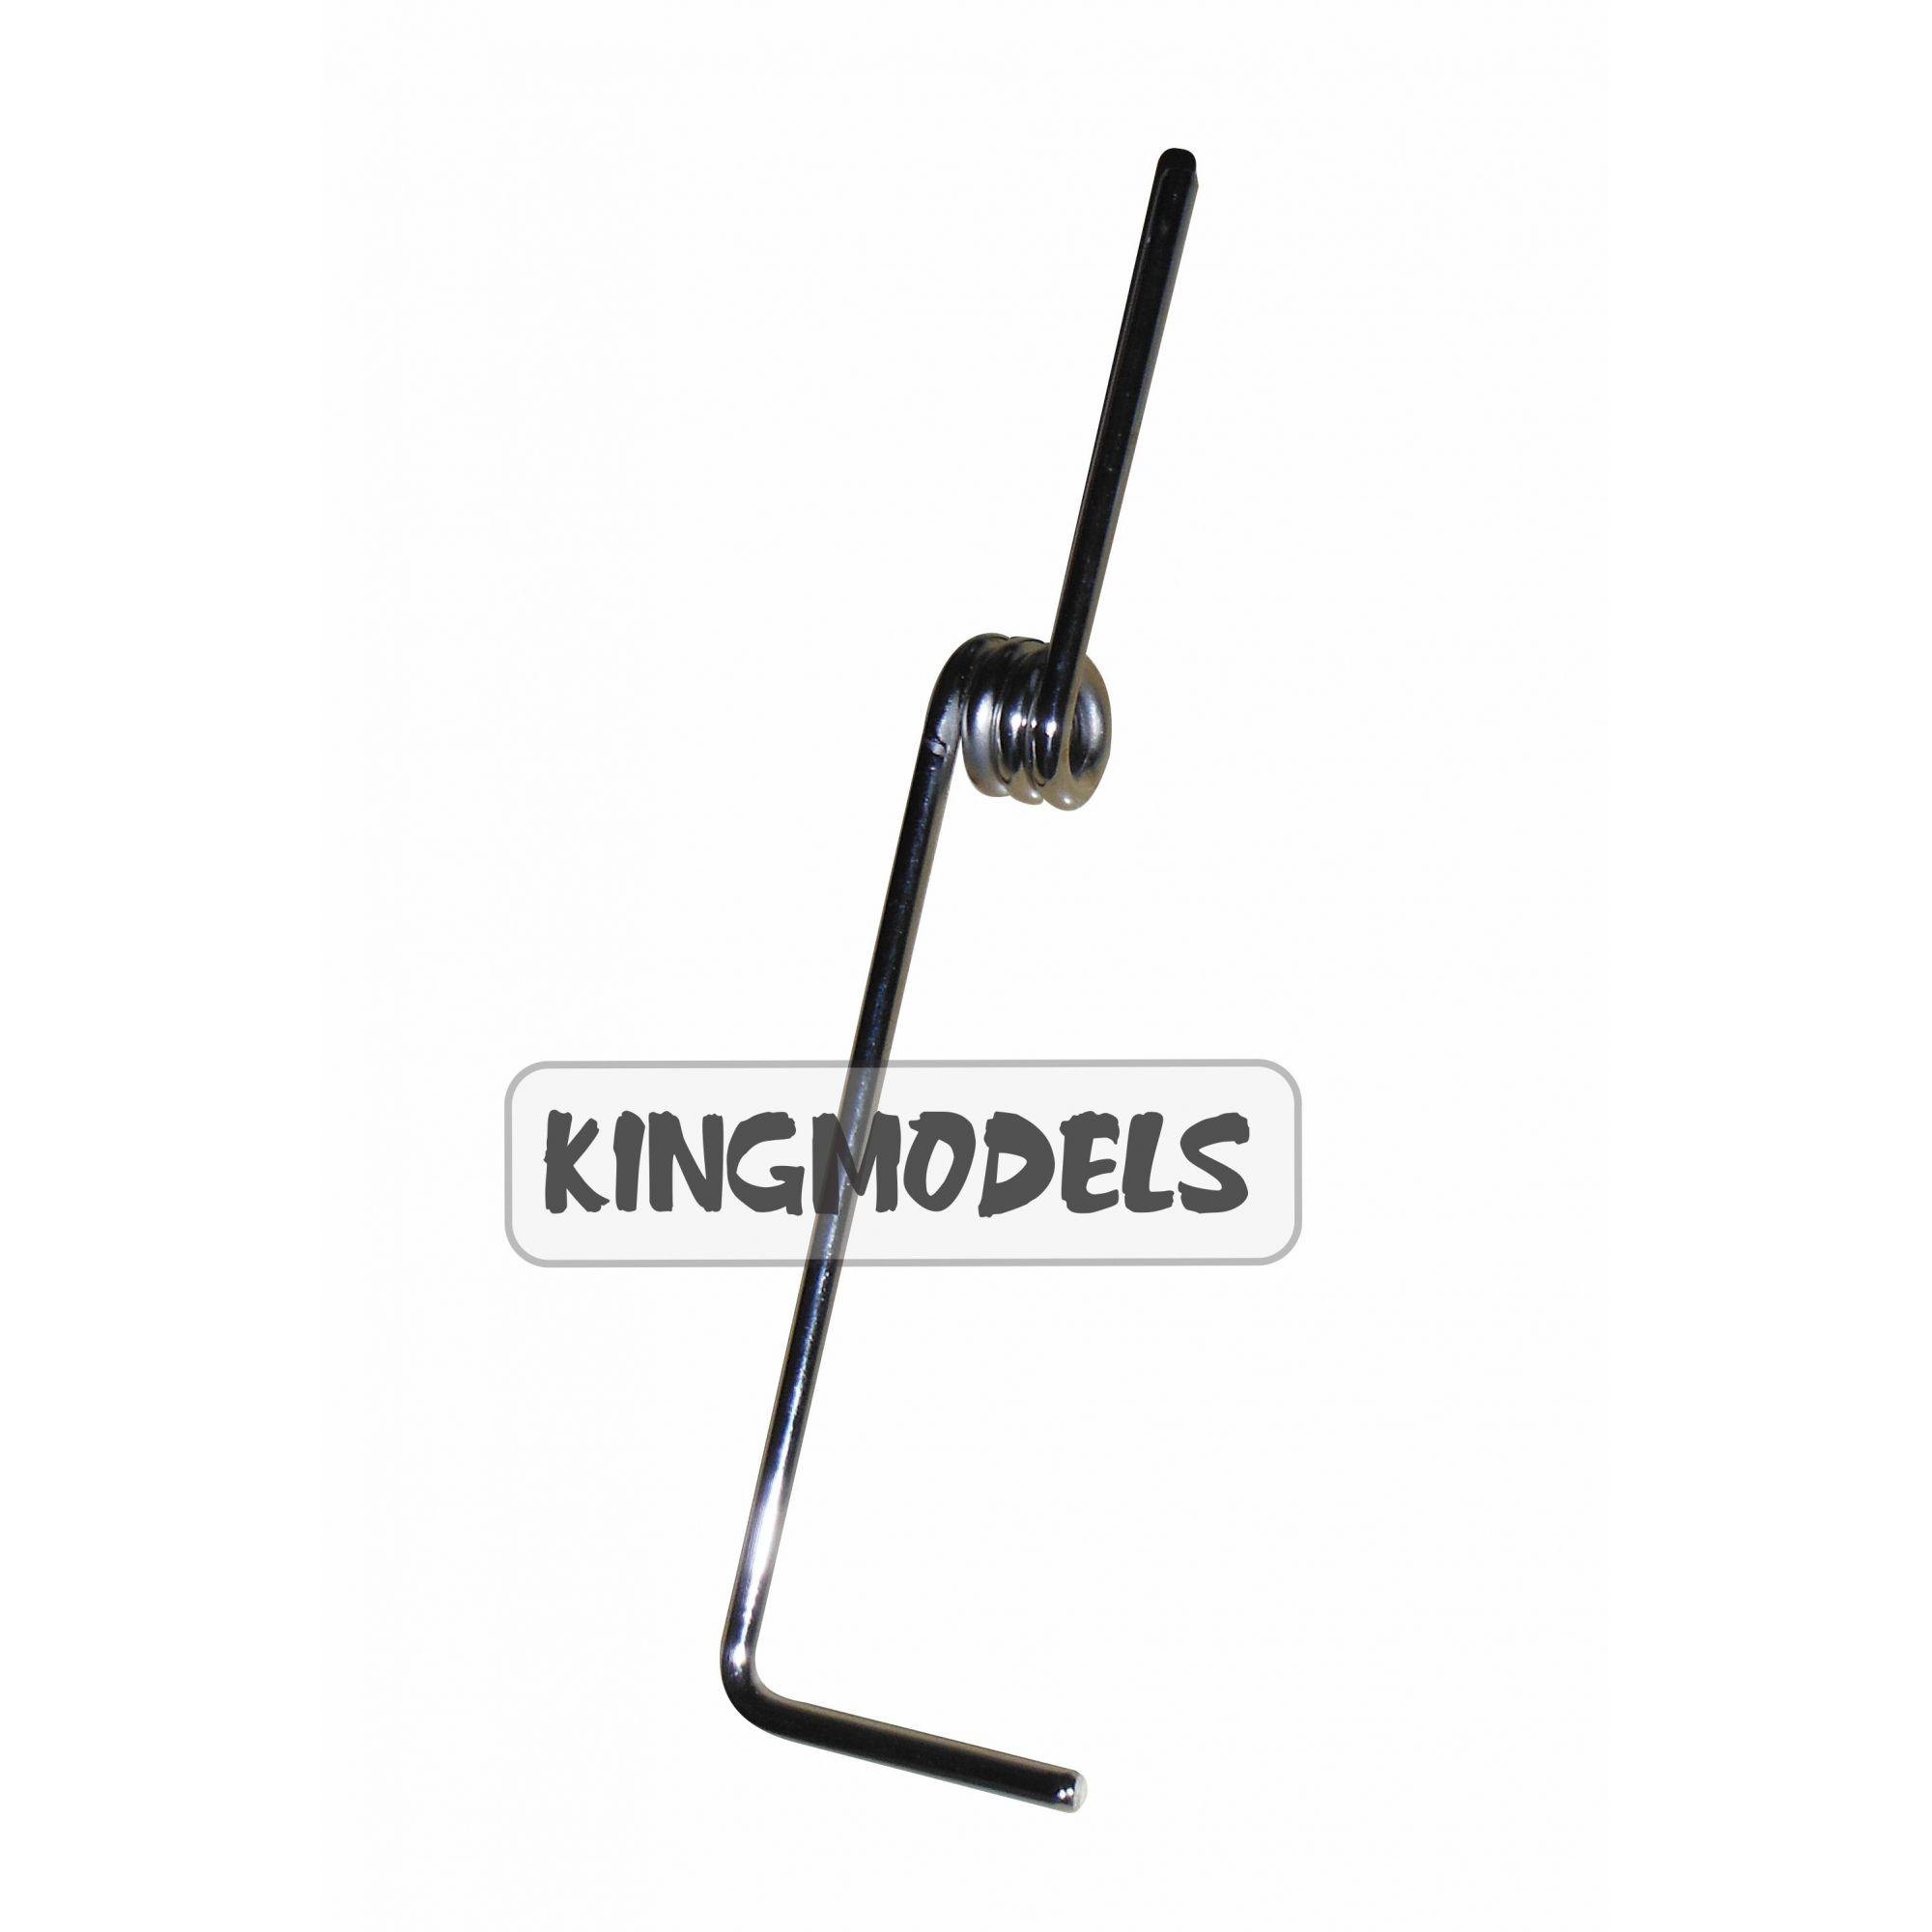 Bequilha Dianteira Para Aeros A Combustão 140mm Com Mola - 418  - King Models